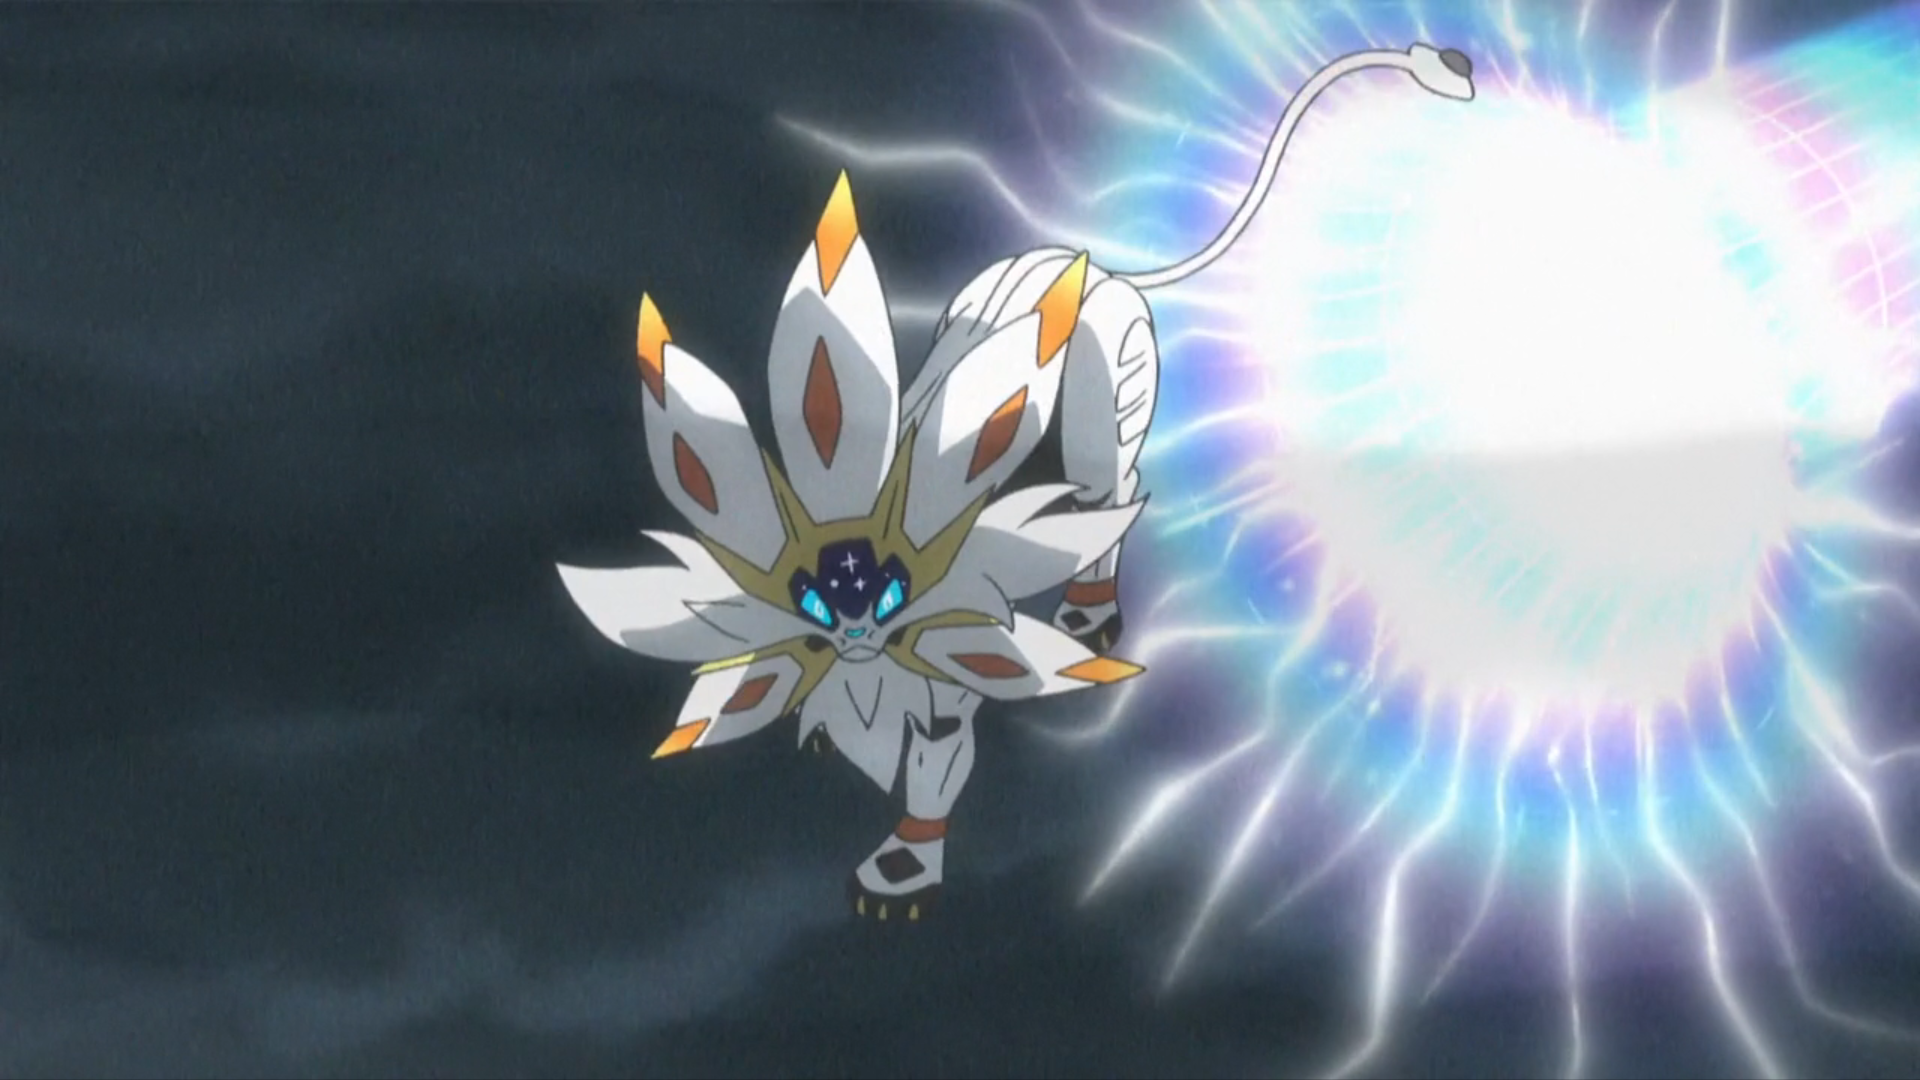 Solgaleo (anime) | Pokémon Wiki | Fandom